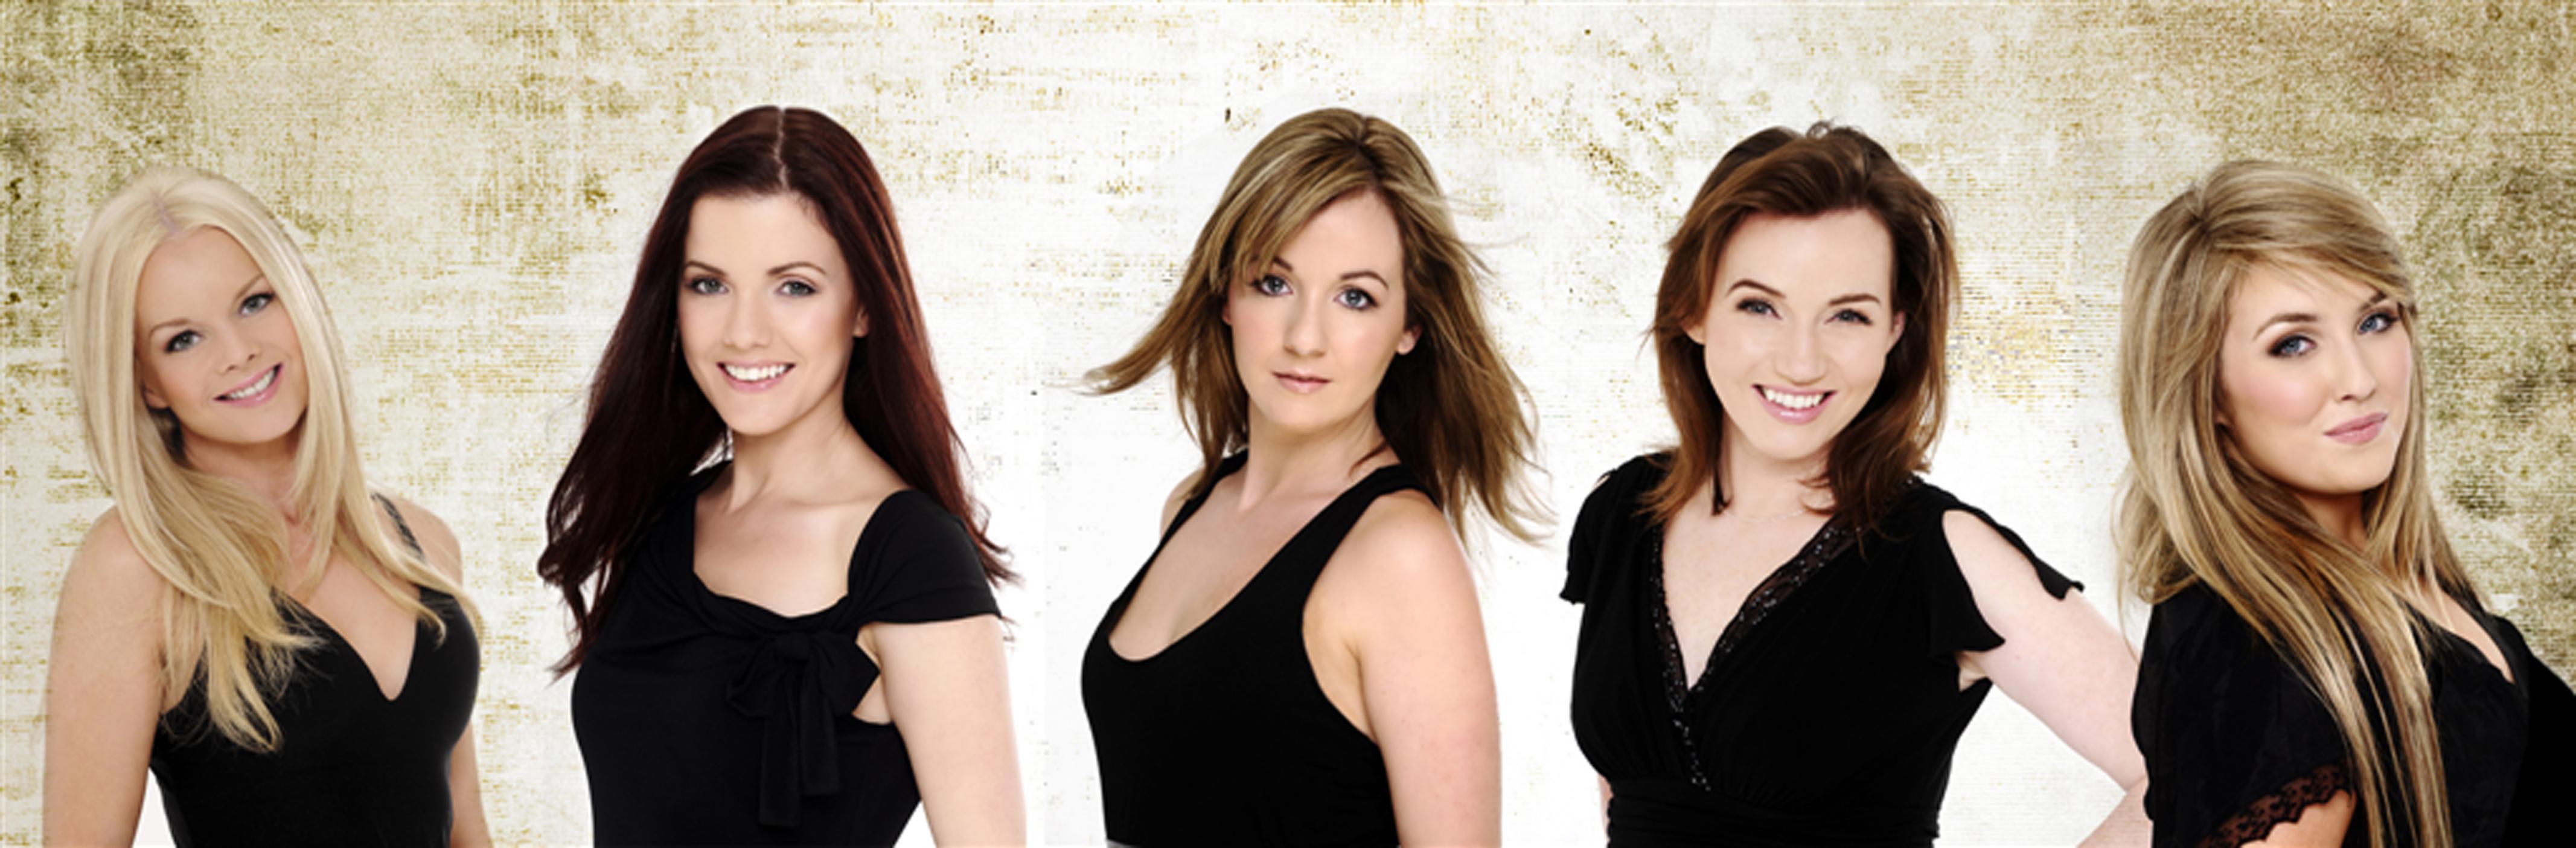 Celtic-women-group-shot